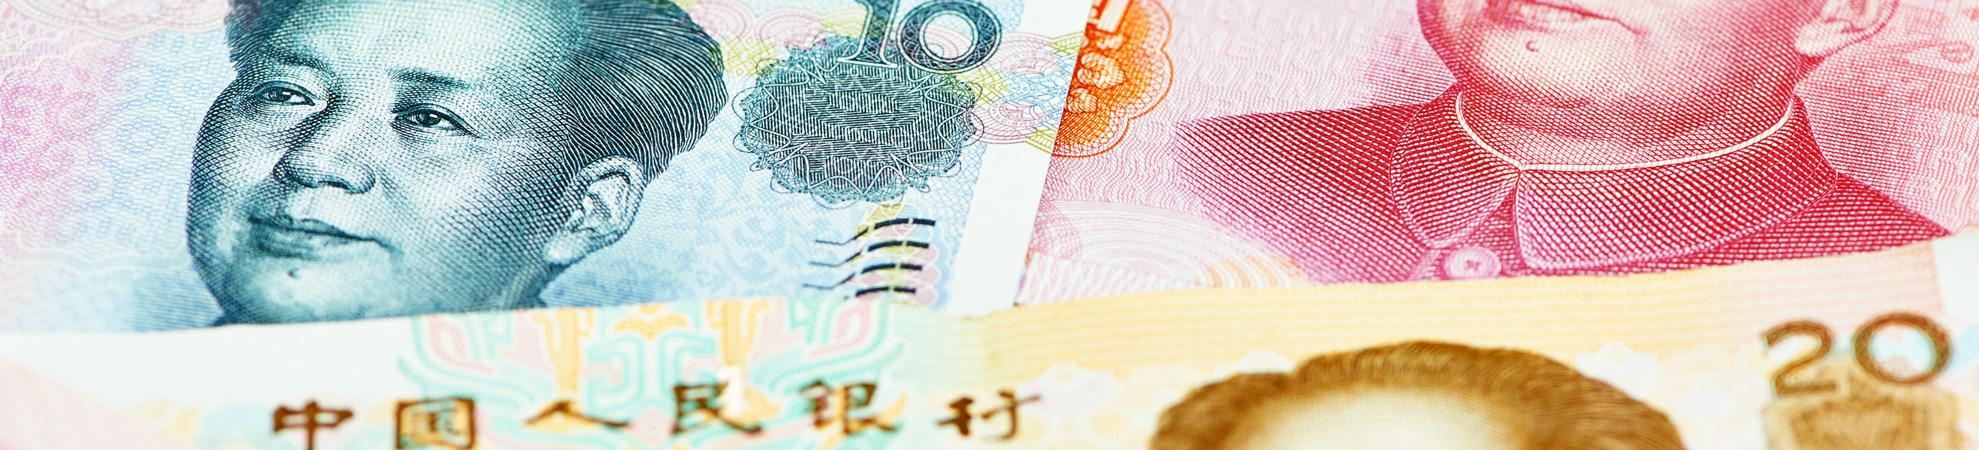 Economie en Chine